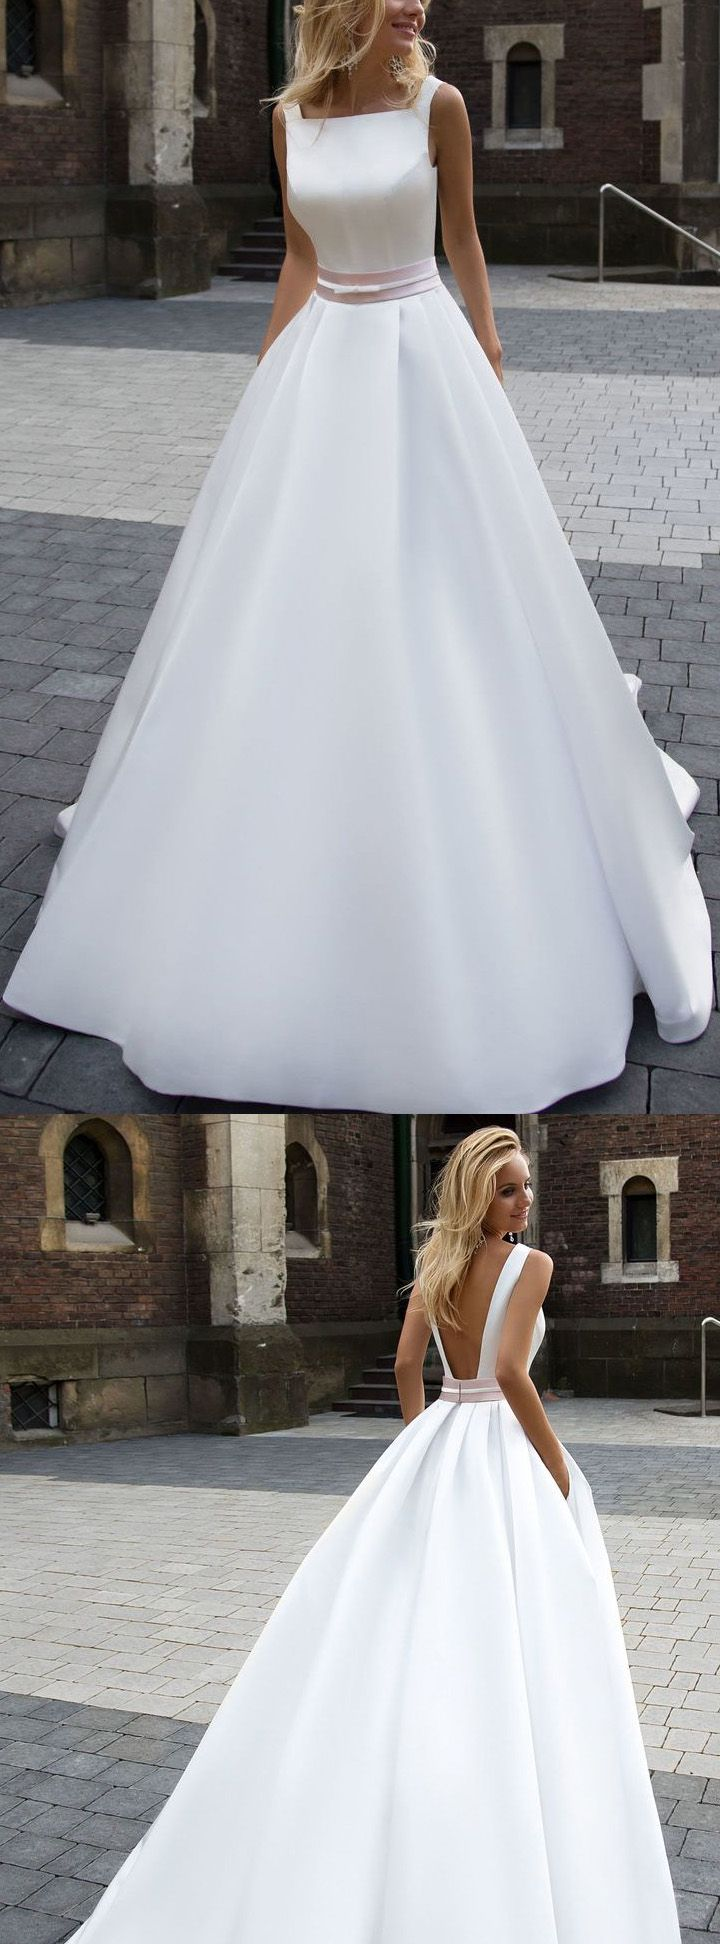 735 best Hochzeit images on Pinterest | Gown wedding, Bridal gowns ...